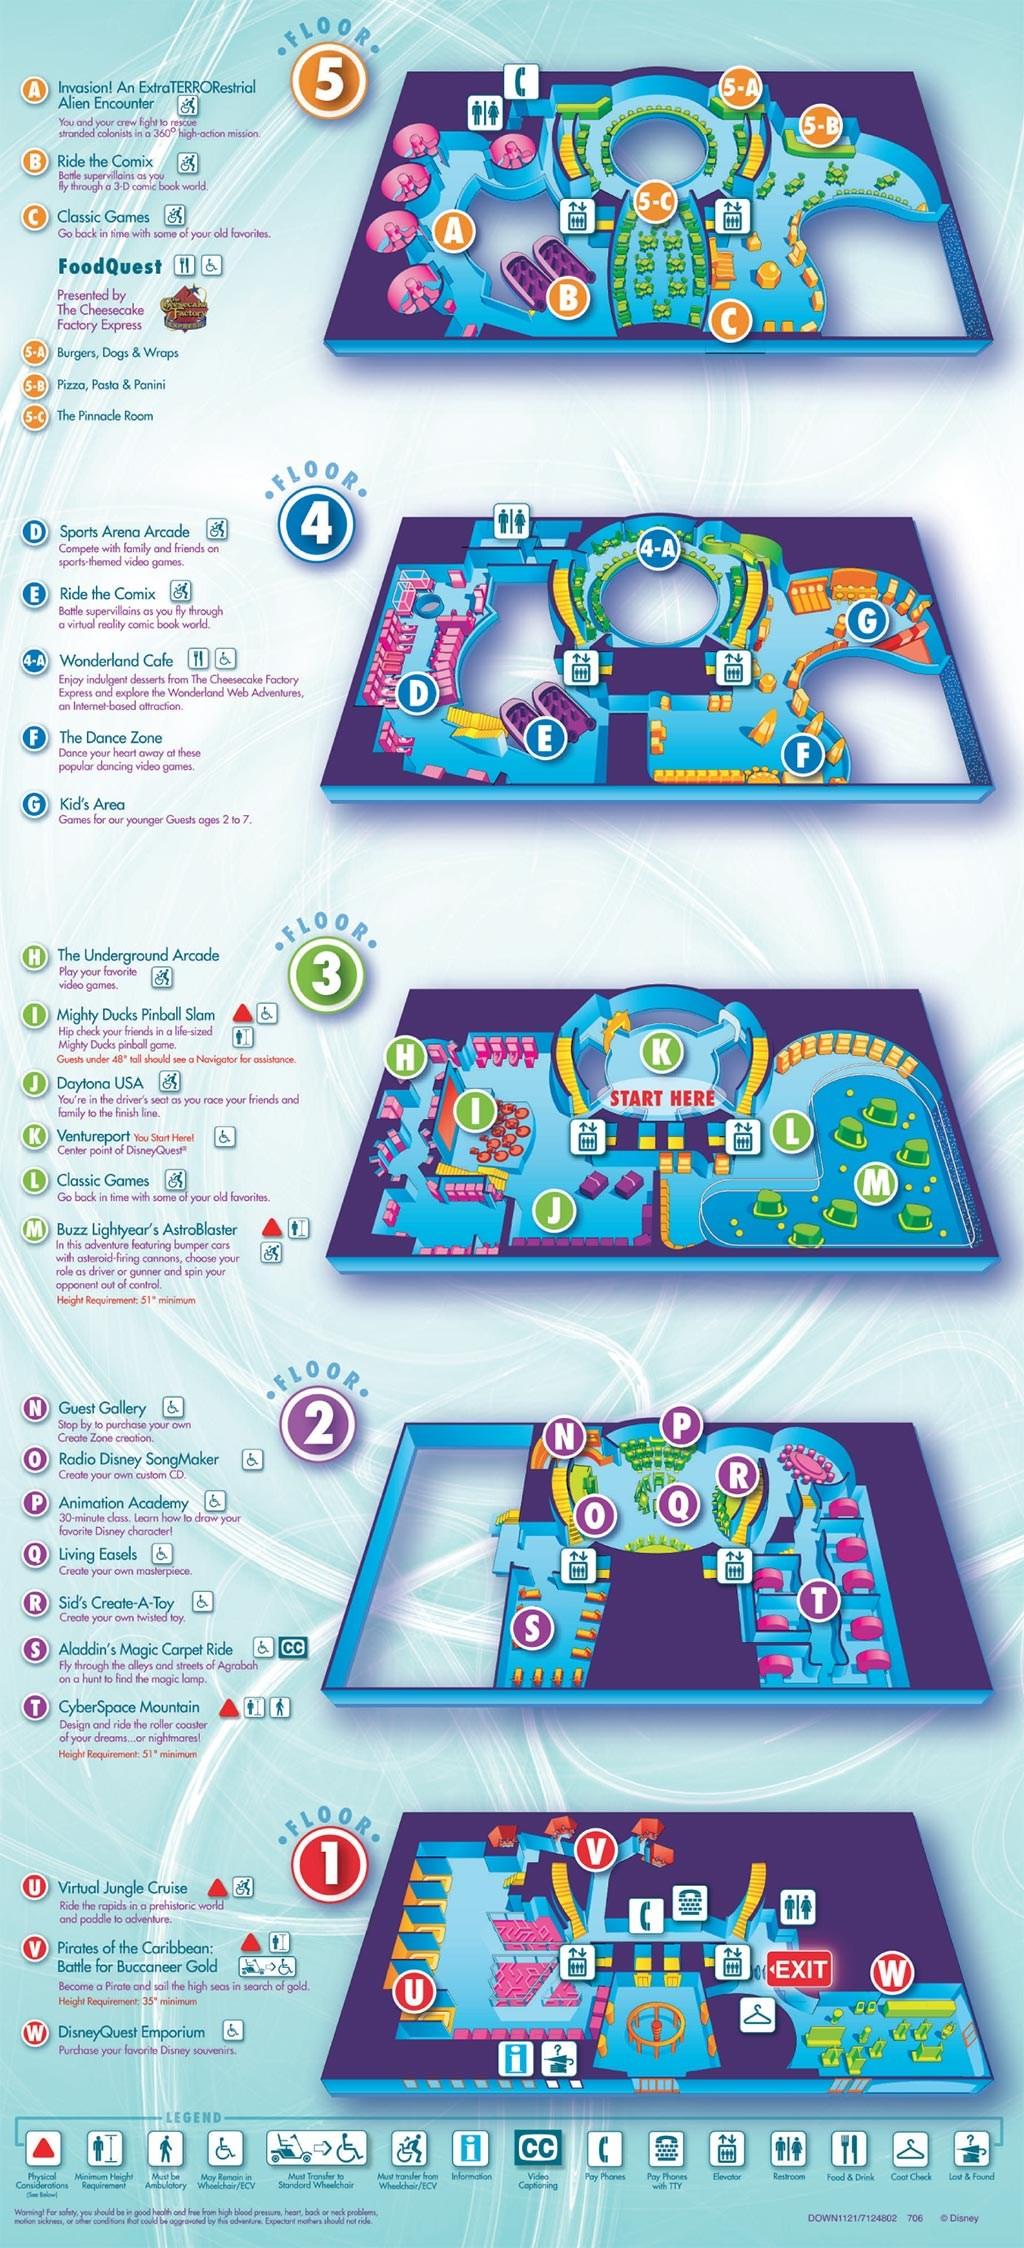 Downtown Disney Maps 2008